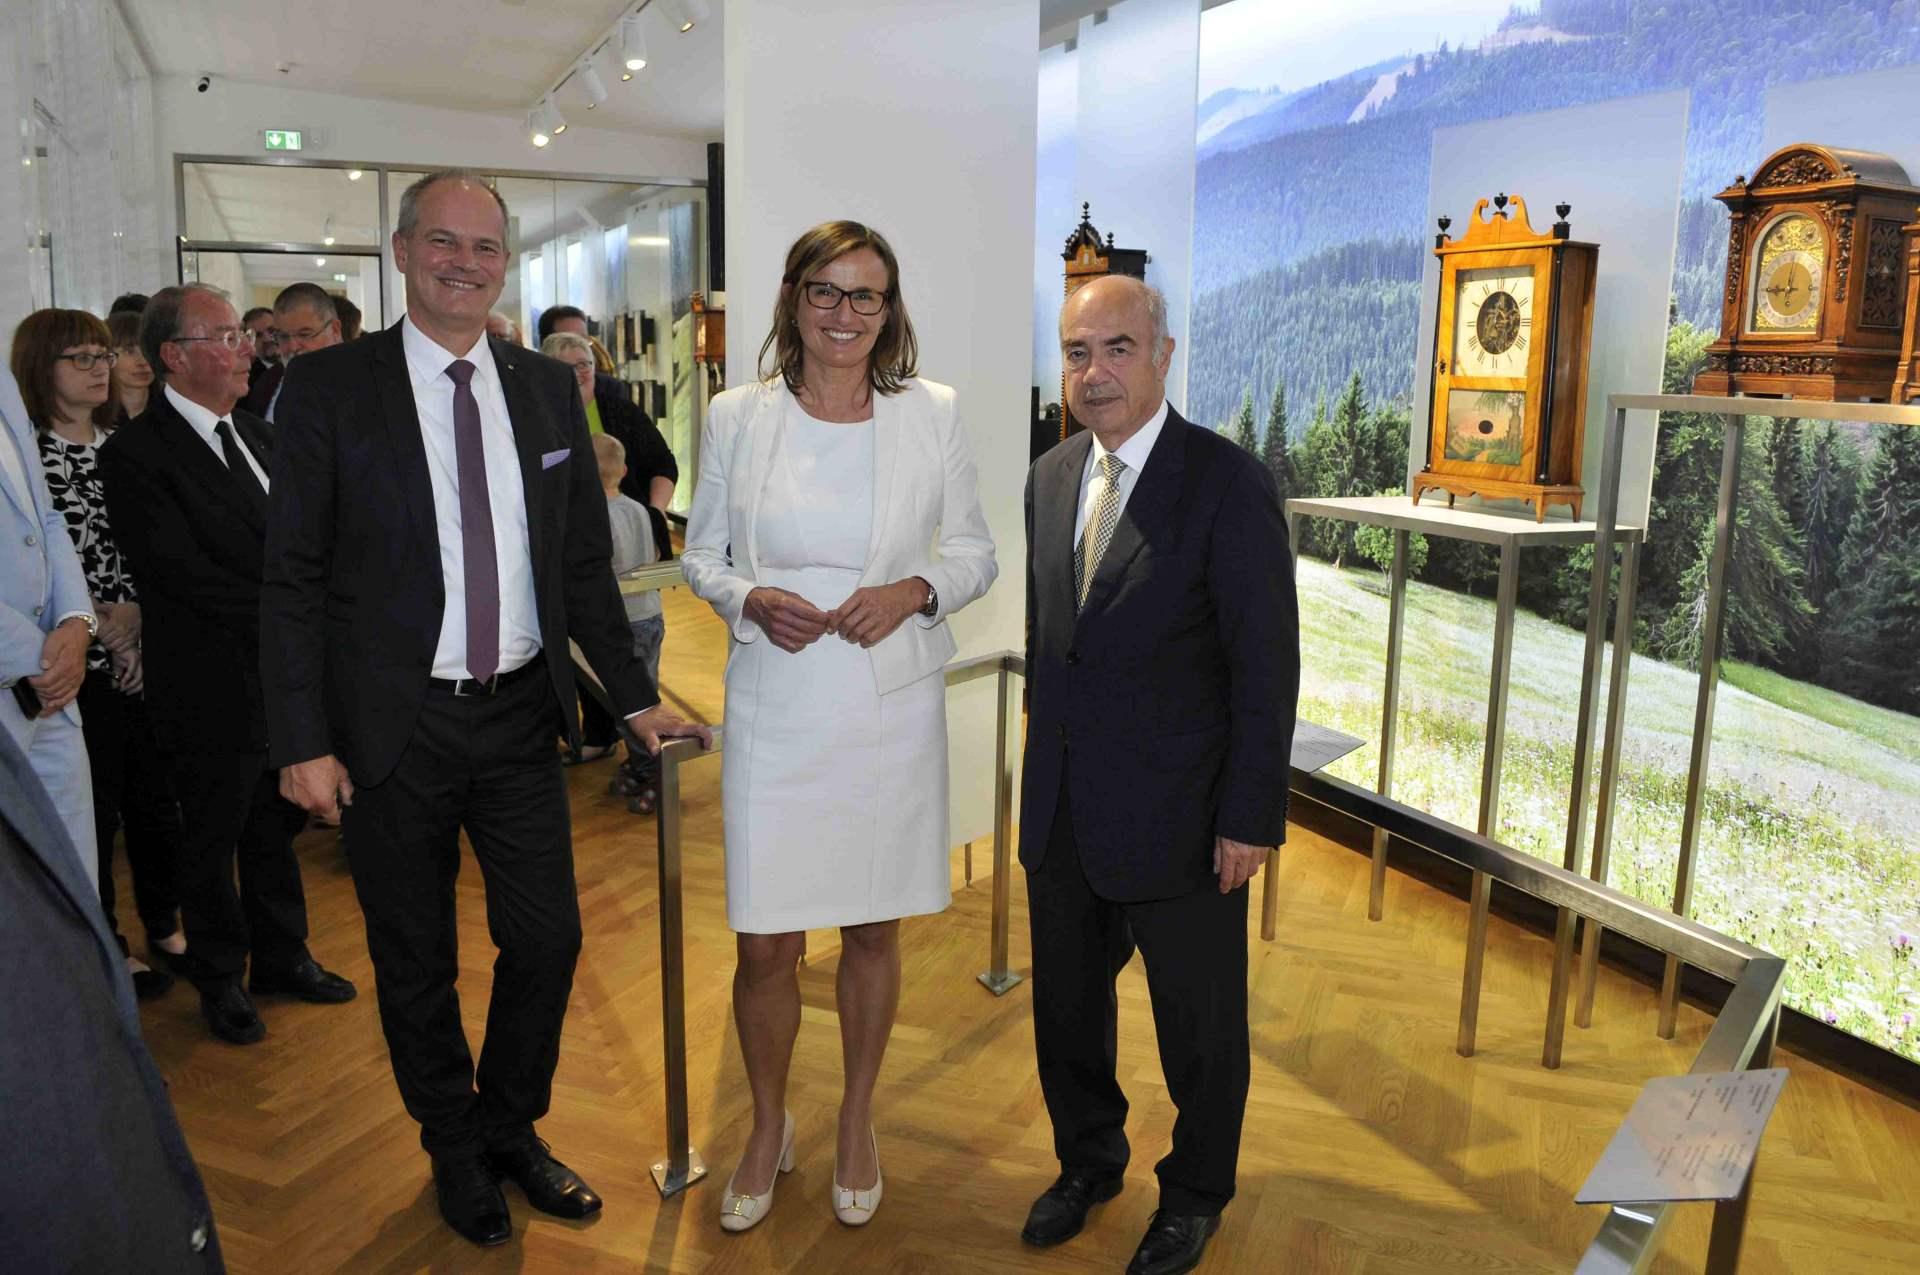 Eröffnung des Junghans Terrassenbau Museums mit (von links) Junghans-Geschäftsführer Matthias Stotz, Staatssekretärin Katrin Schütz und Hausherr Hans-Jochem Steim, Inhaber der Uhrenfabrik Junghans.